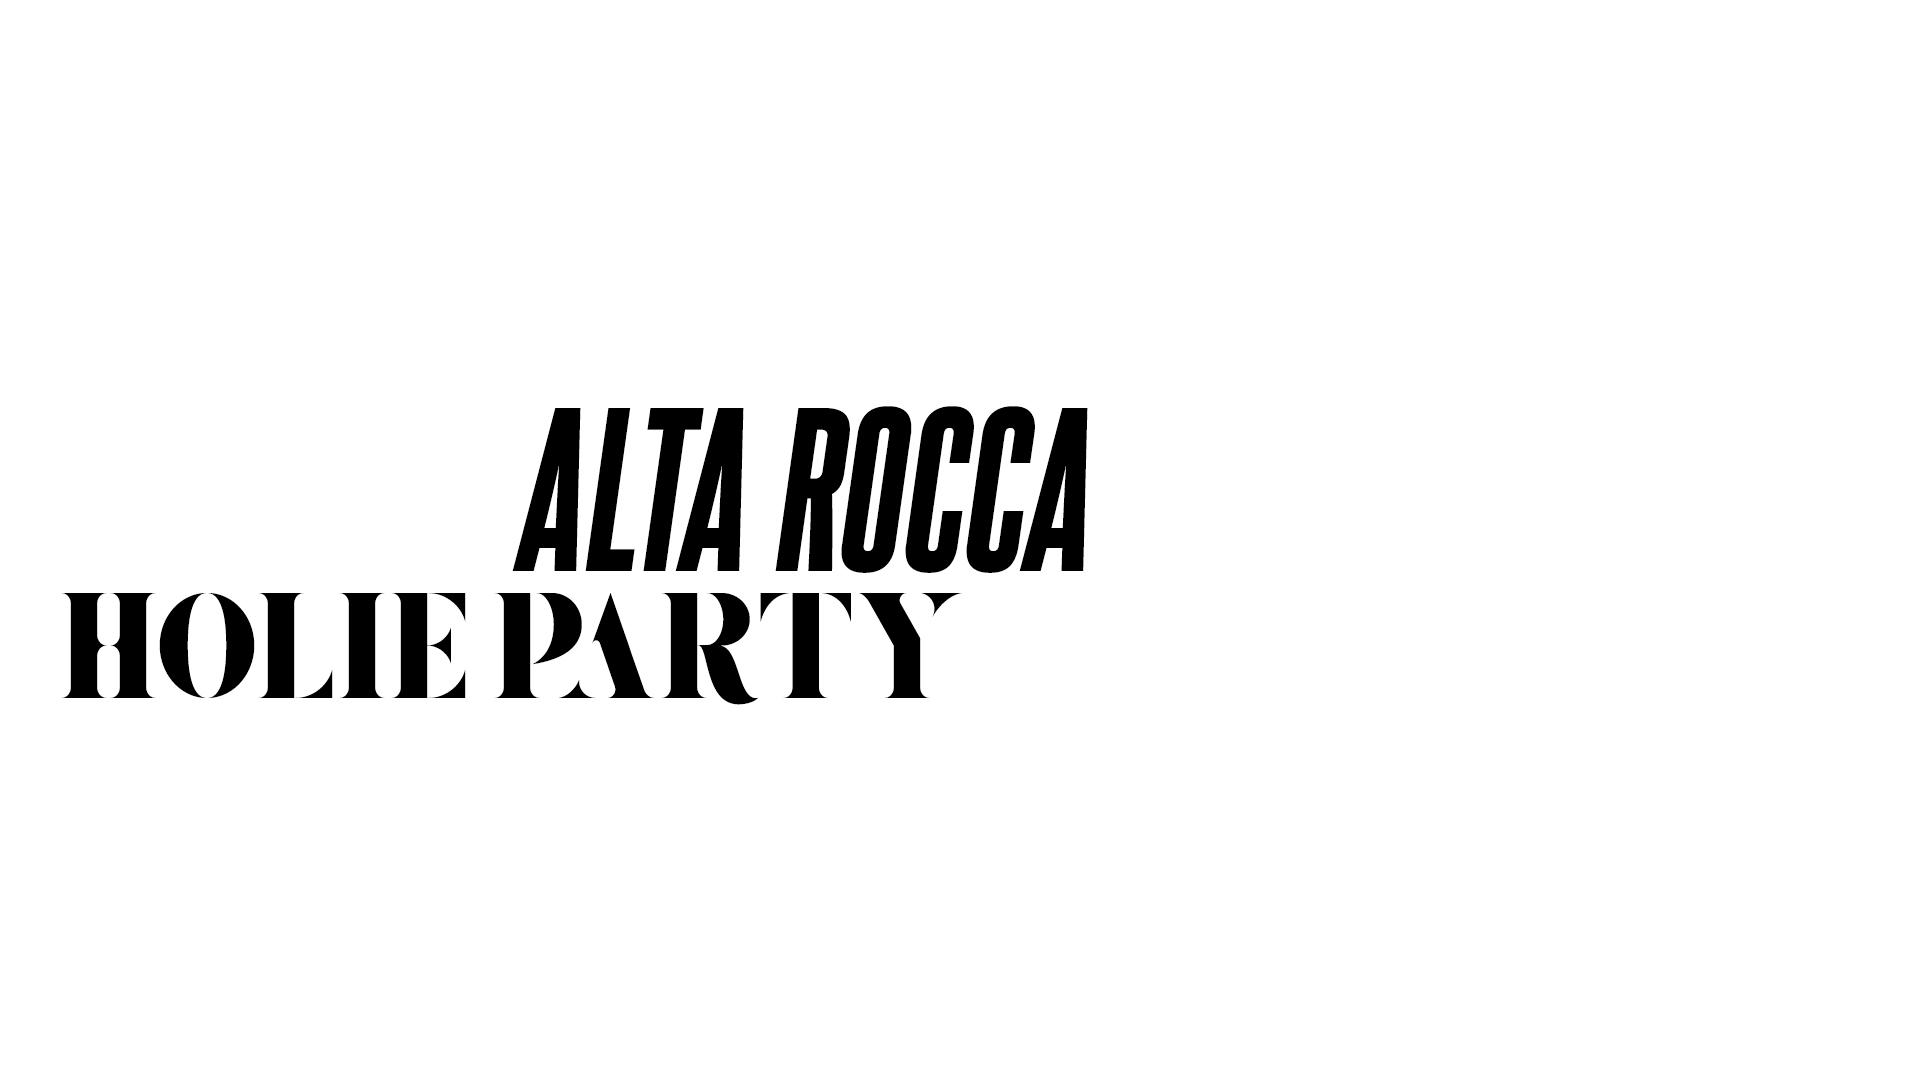 ALTA ROCCA - HOLIE